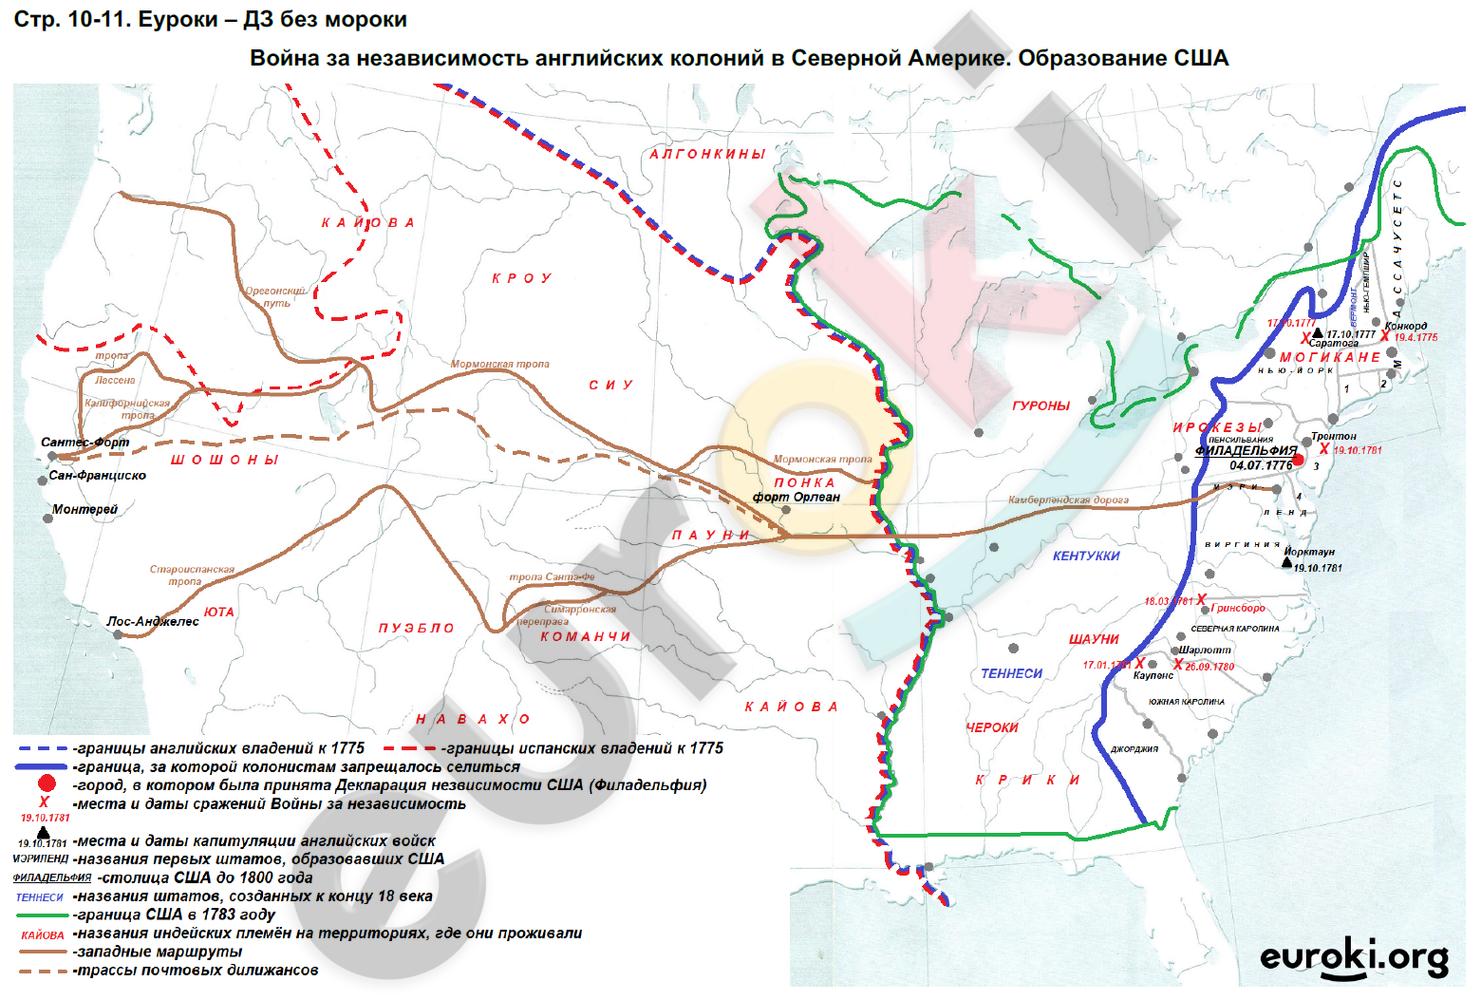 ГДЗ по истории 7 класс контурные карты Колпаков. Задание: стр. 11